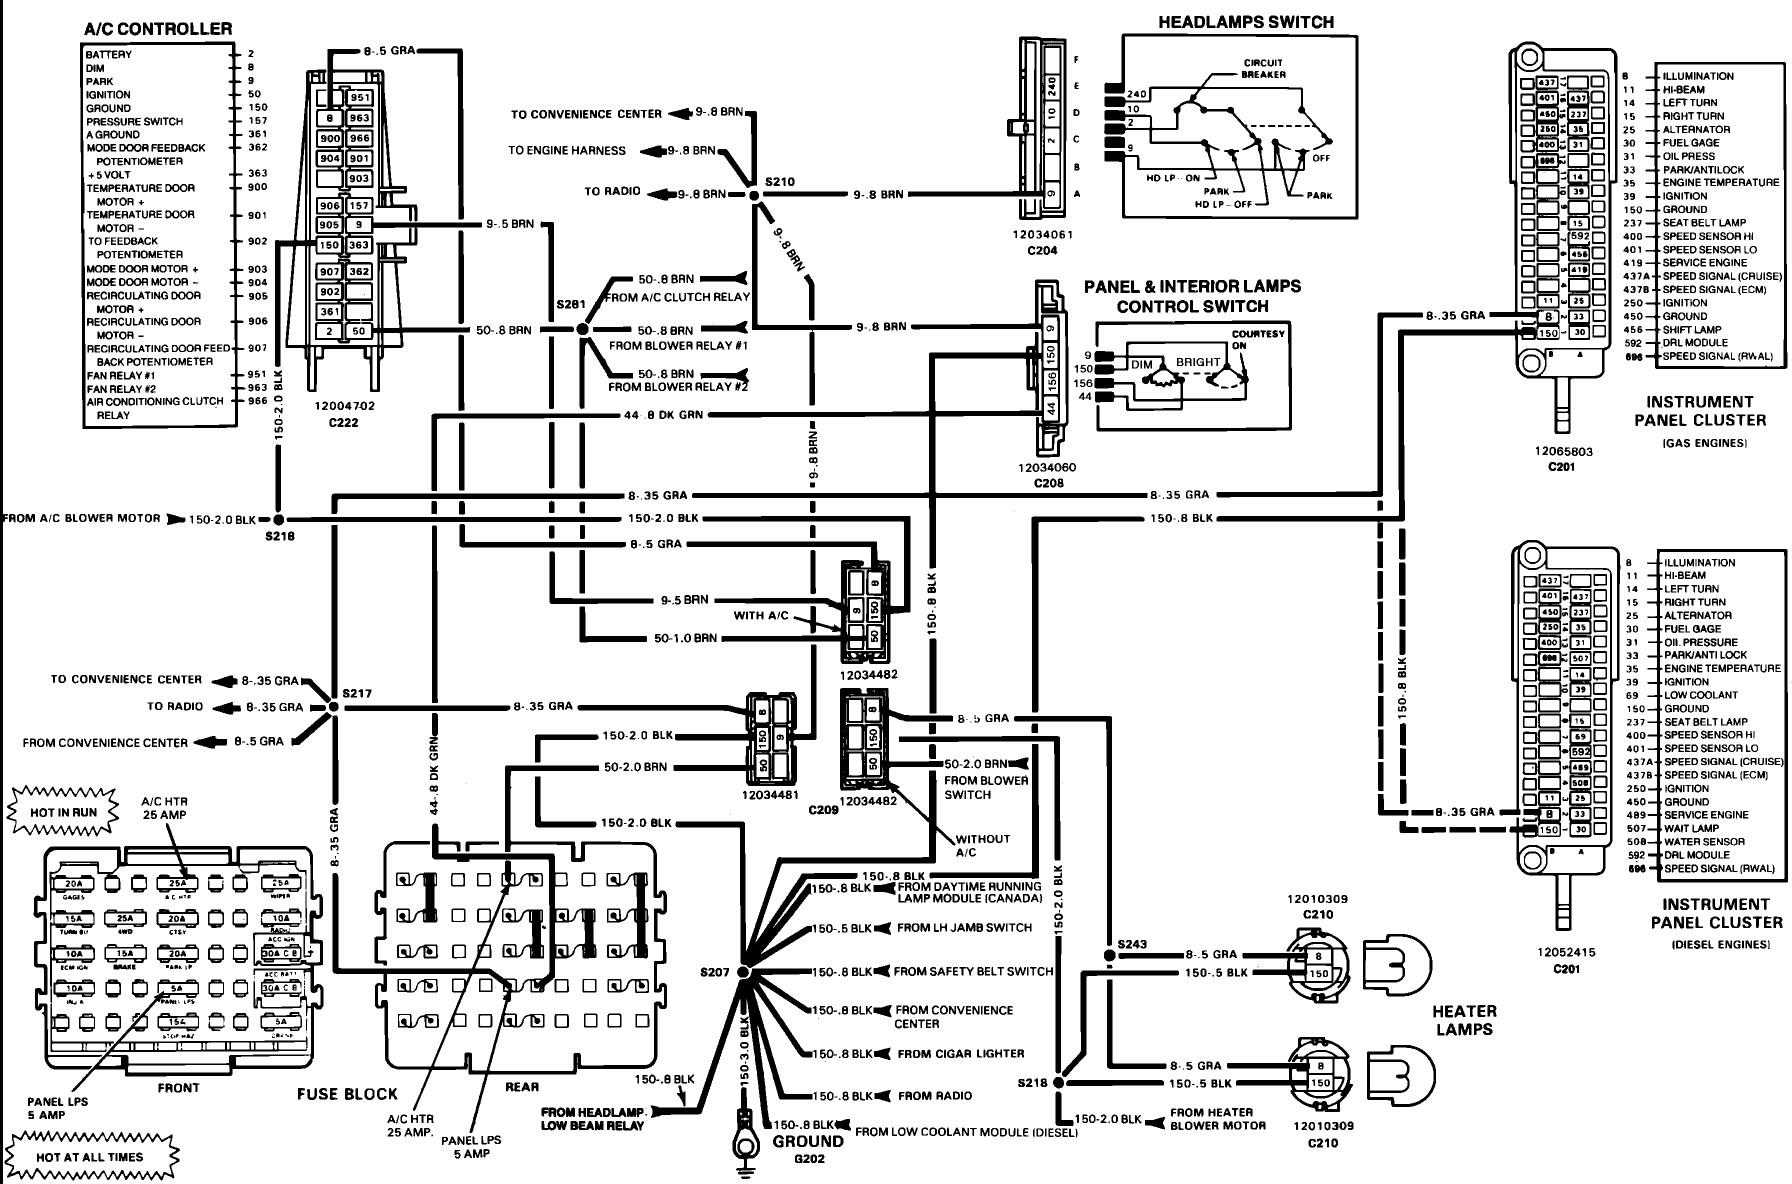 Download Schema Chevrolet K10 Wiring Diagram Full